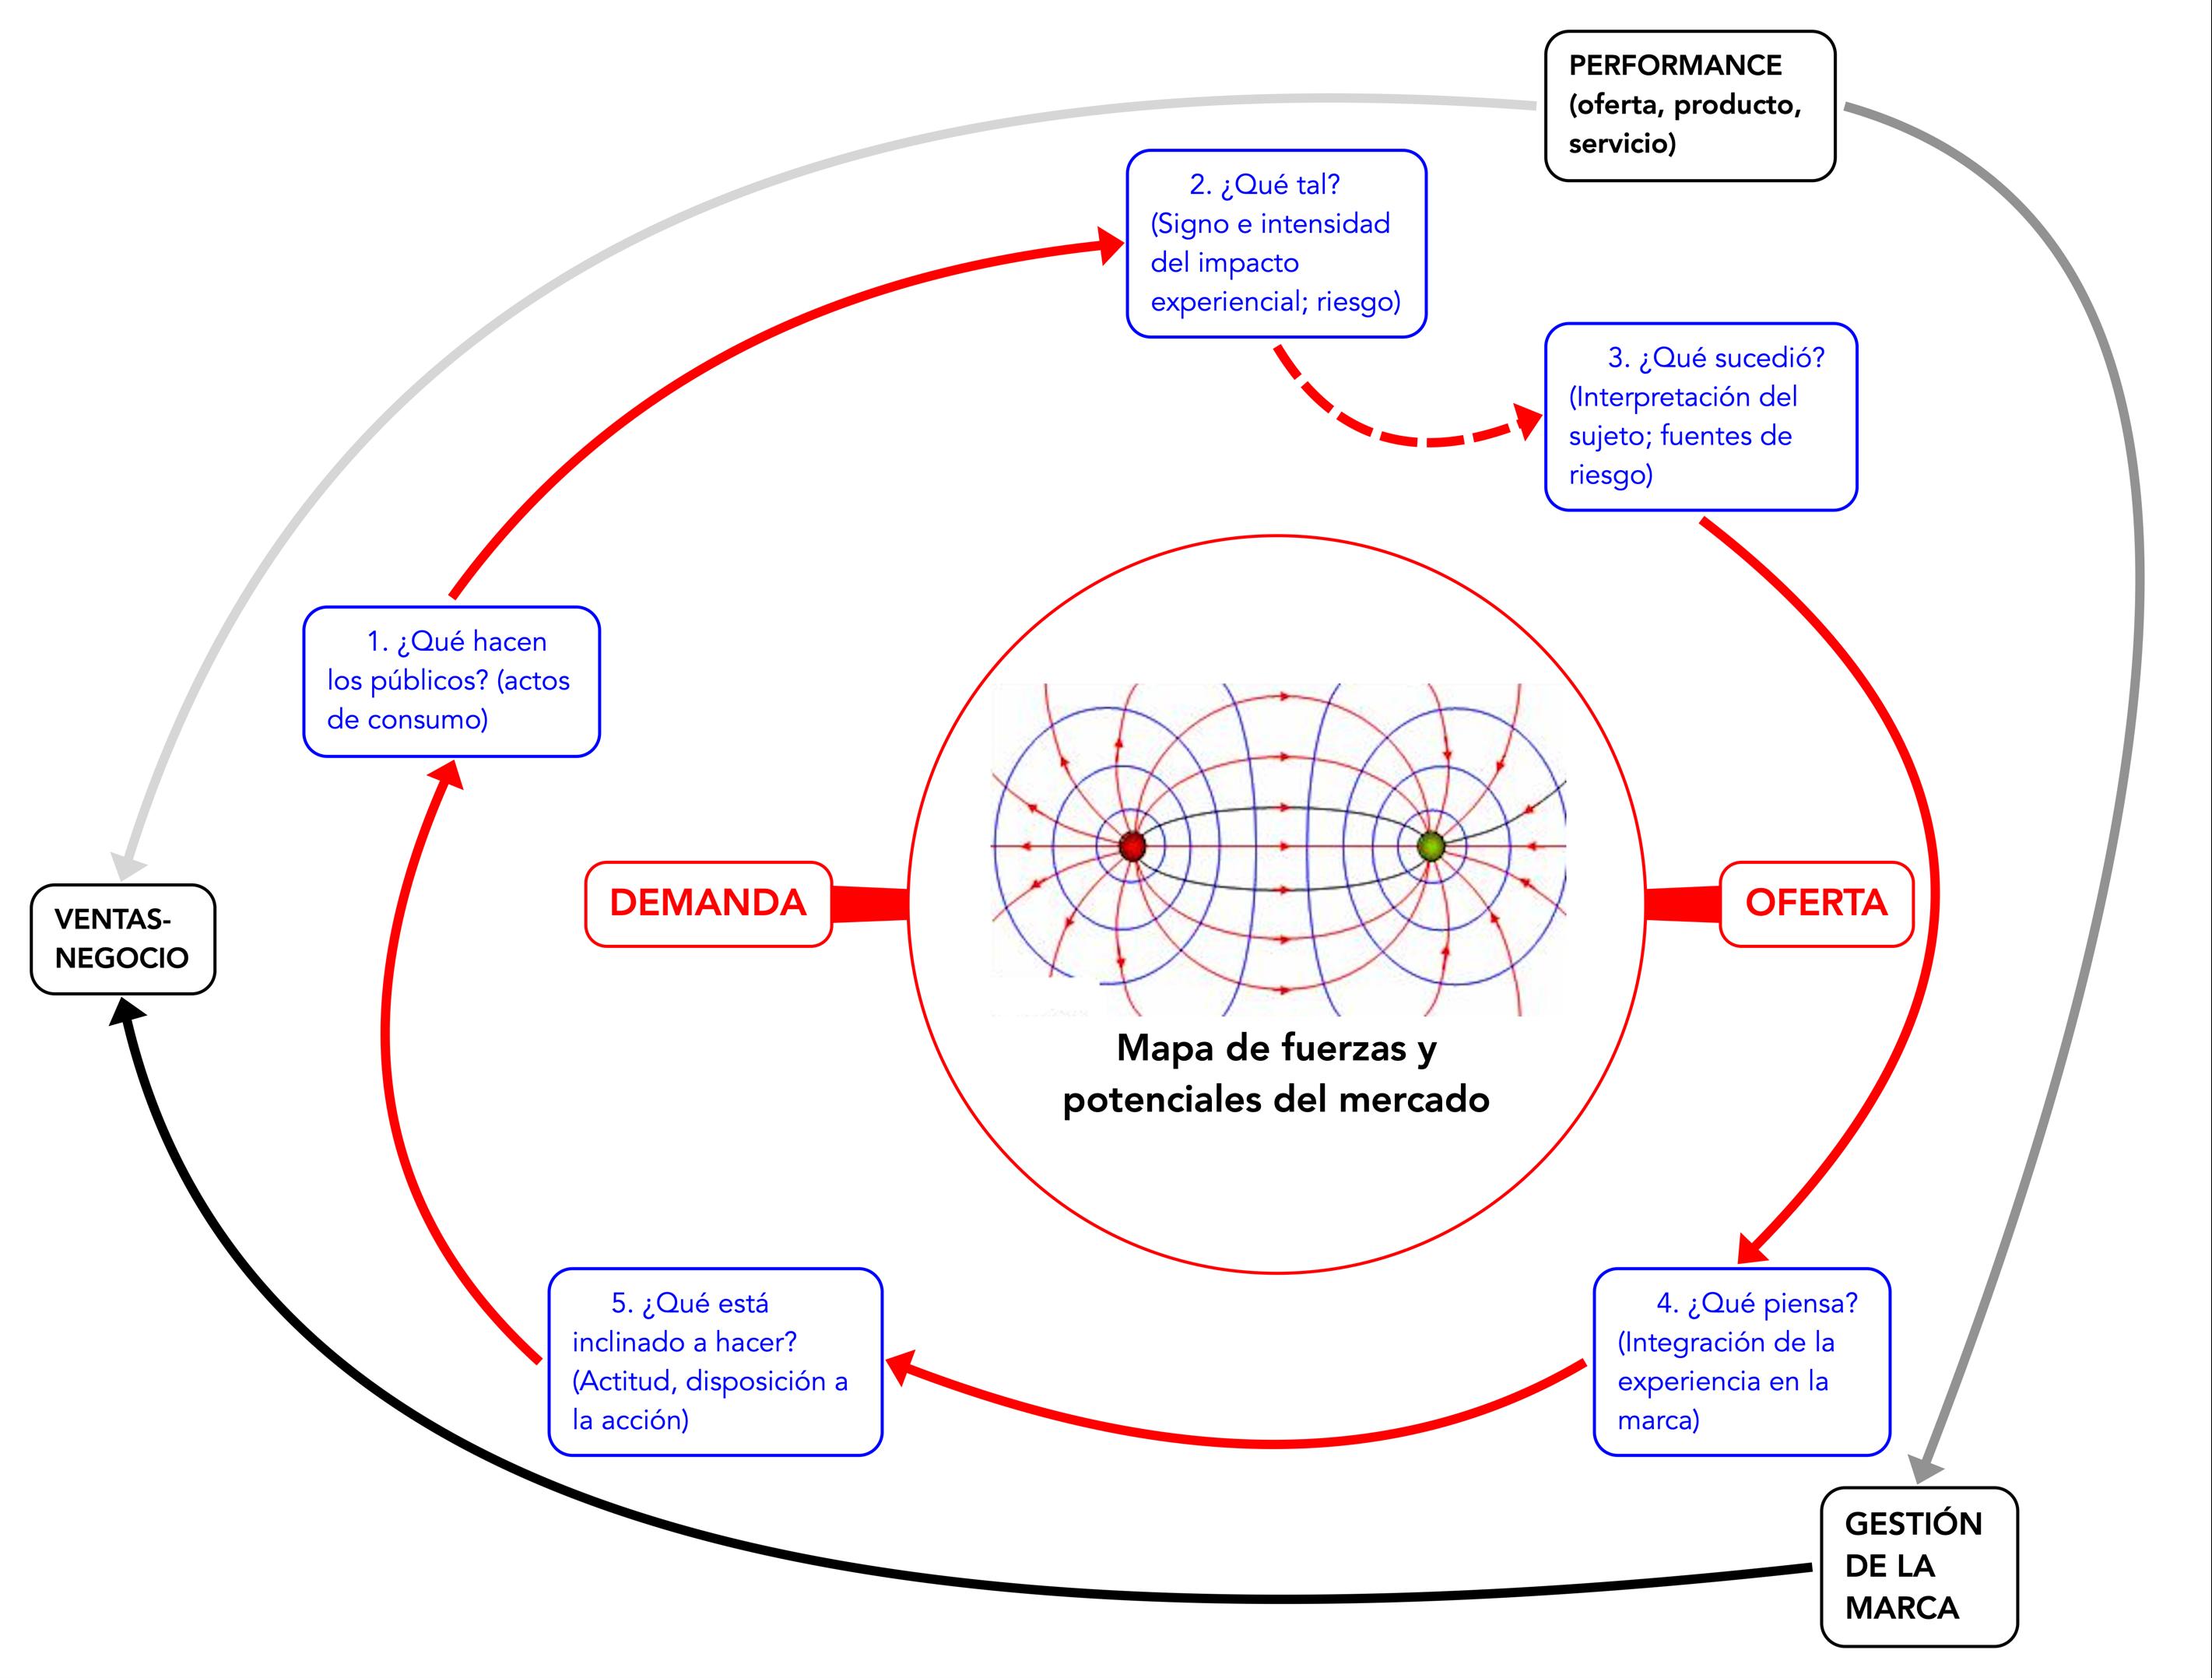 Mapa de fuerzas y potenciales del mercado